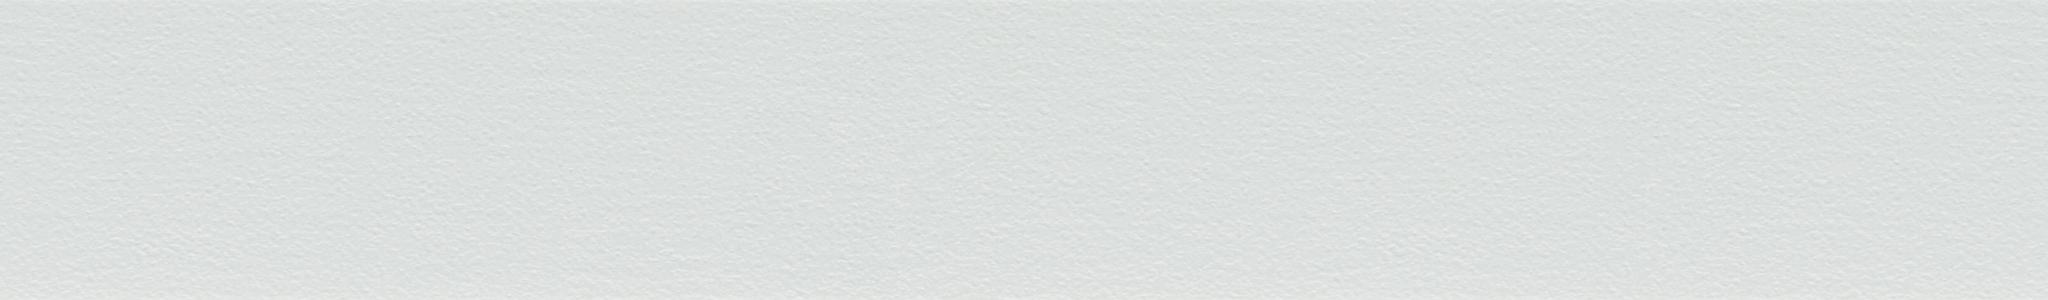 HU 171540 ABS Kante Grau feinperl 107